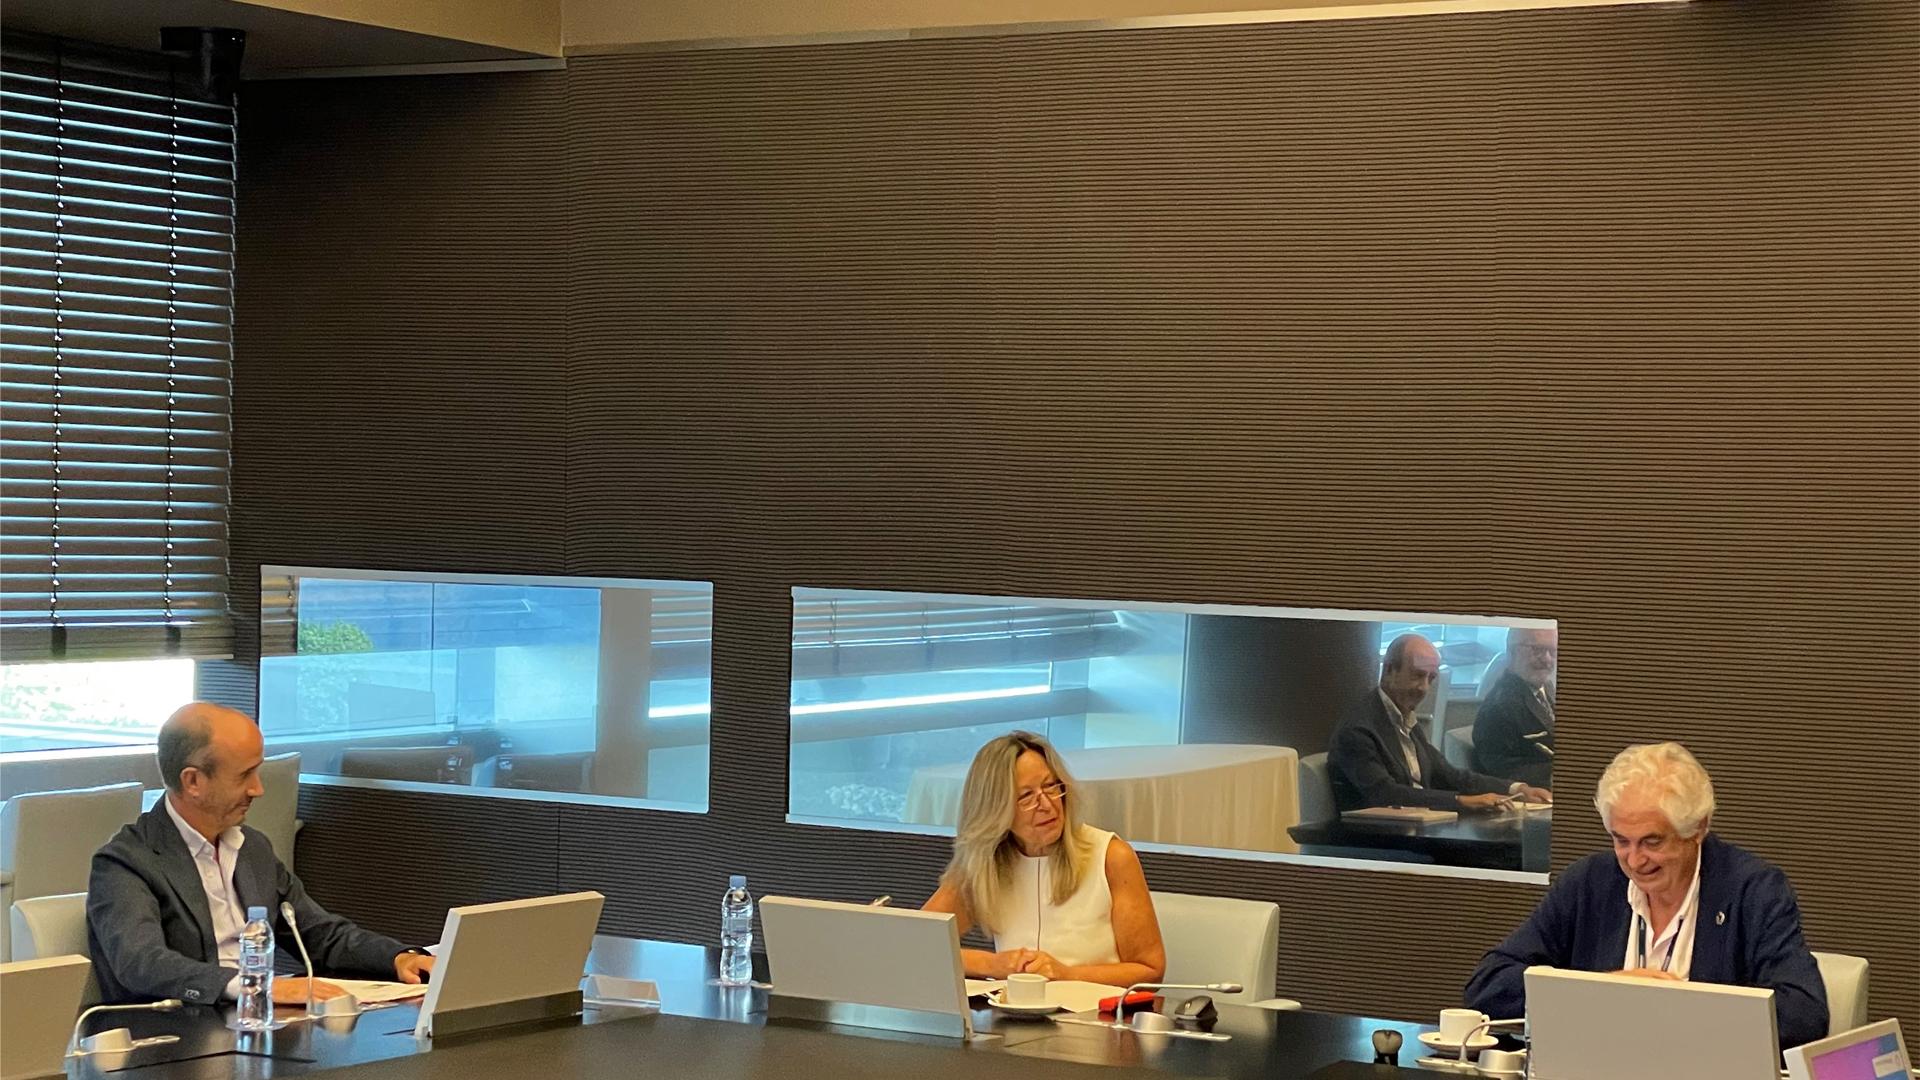 La CCBE organiza desde la sede de Telefónica una sesión sobre el Fondo de Recapitalización de empresas afectadas por la COVID-19 gestionado por COFIDES